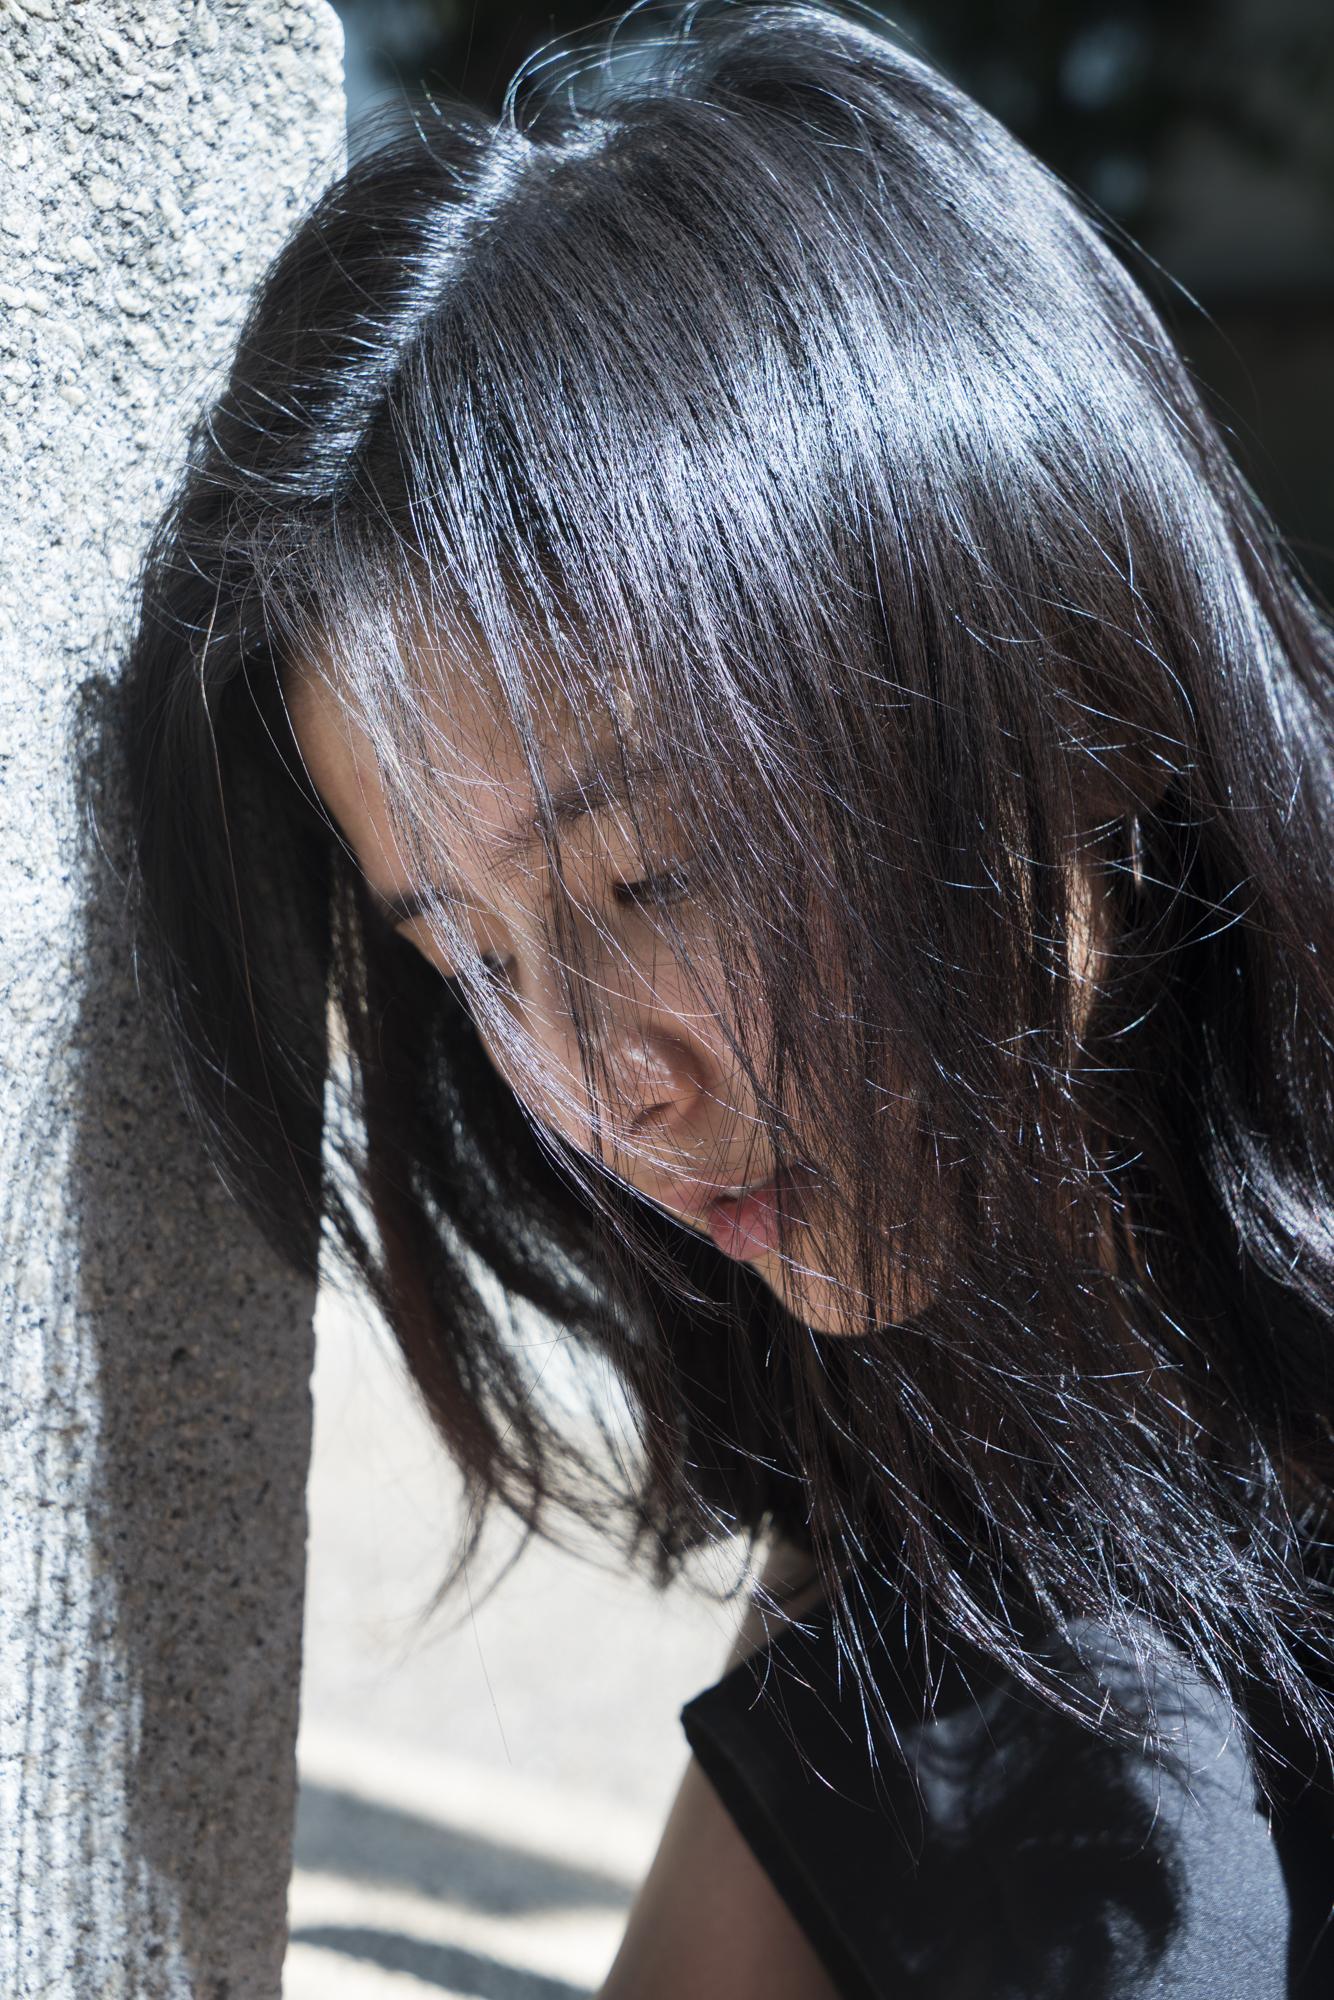 蓮井元彦 | Motohiko Hasui